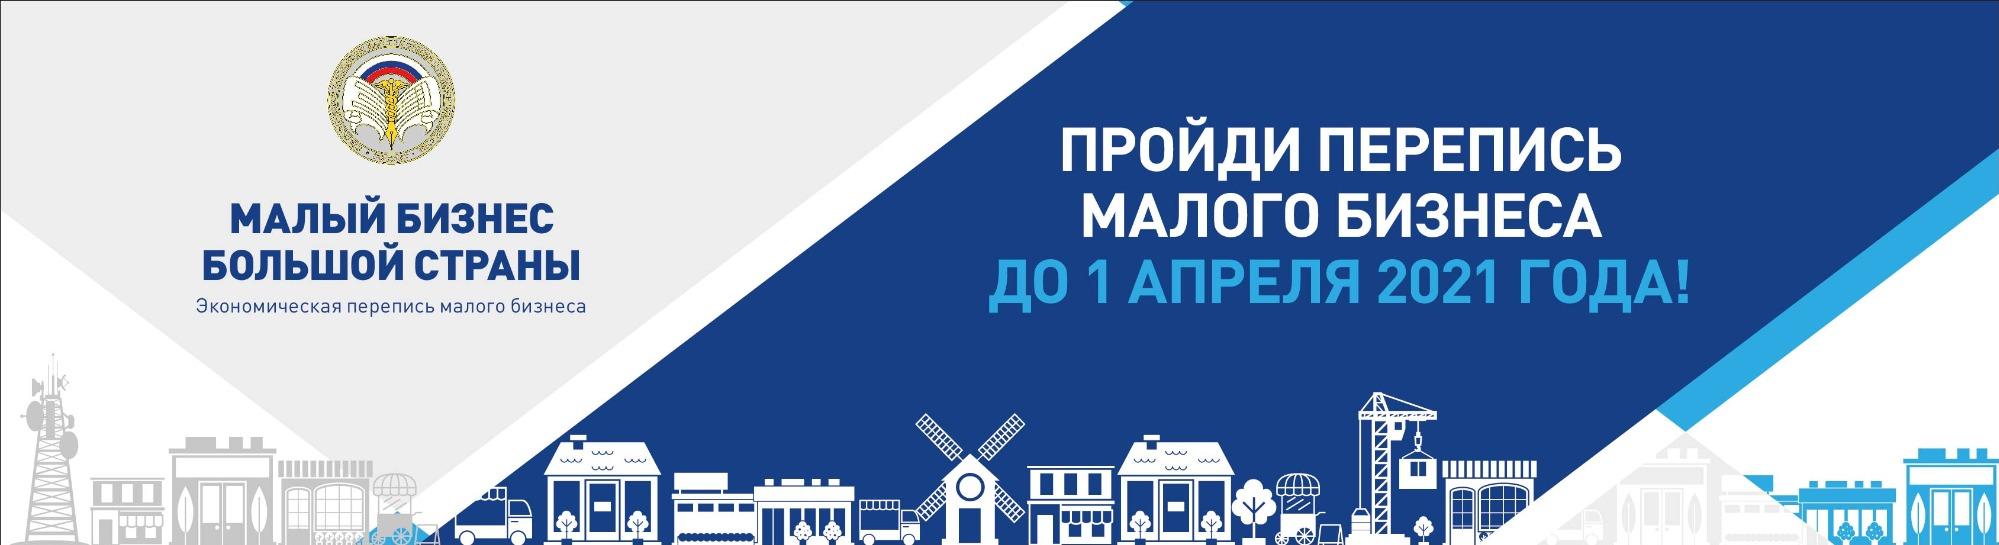 Пройди перепись малого бизнеса до 1 апреля 2021 года!